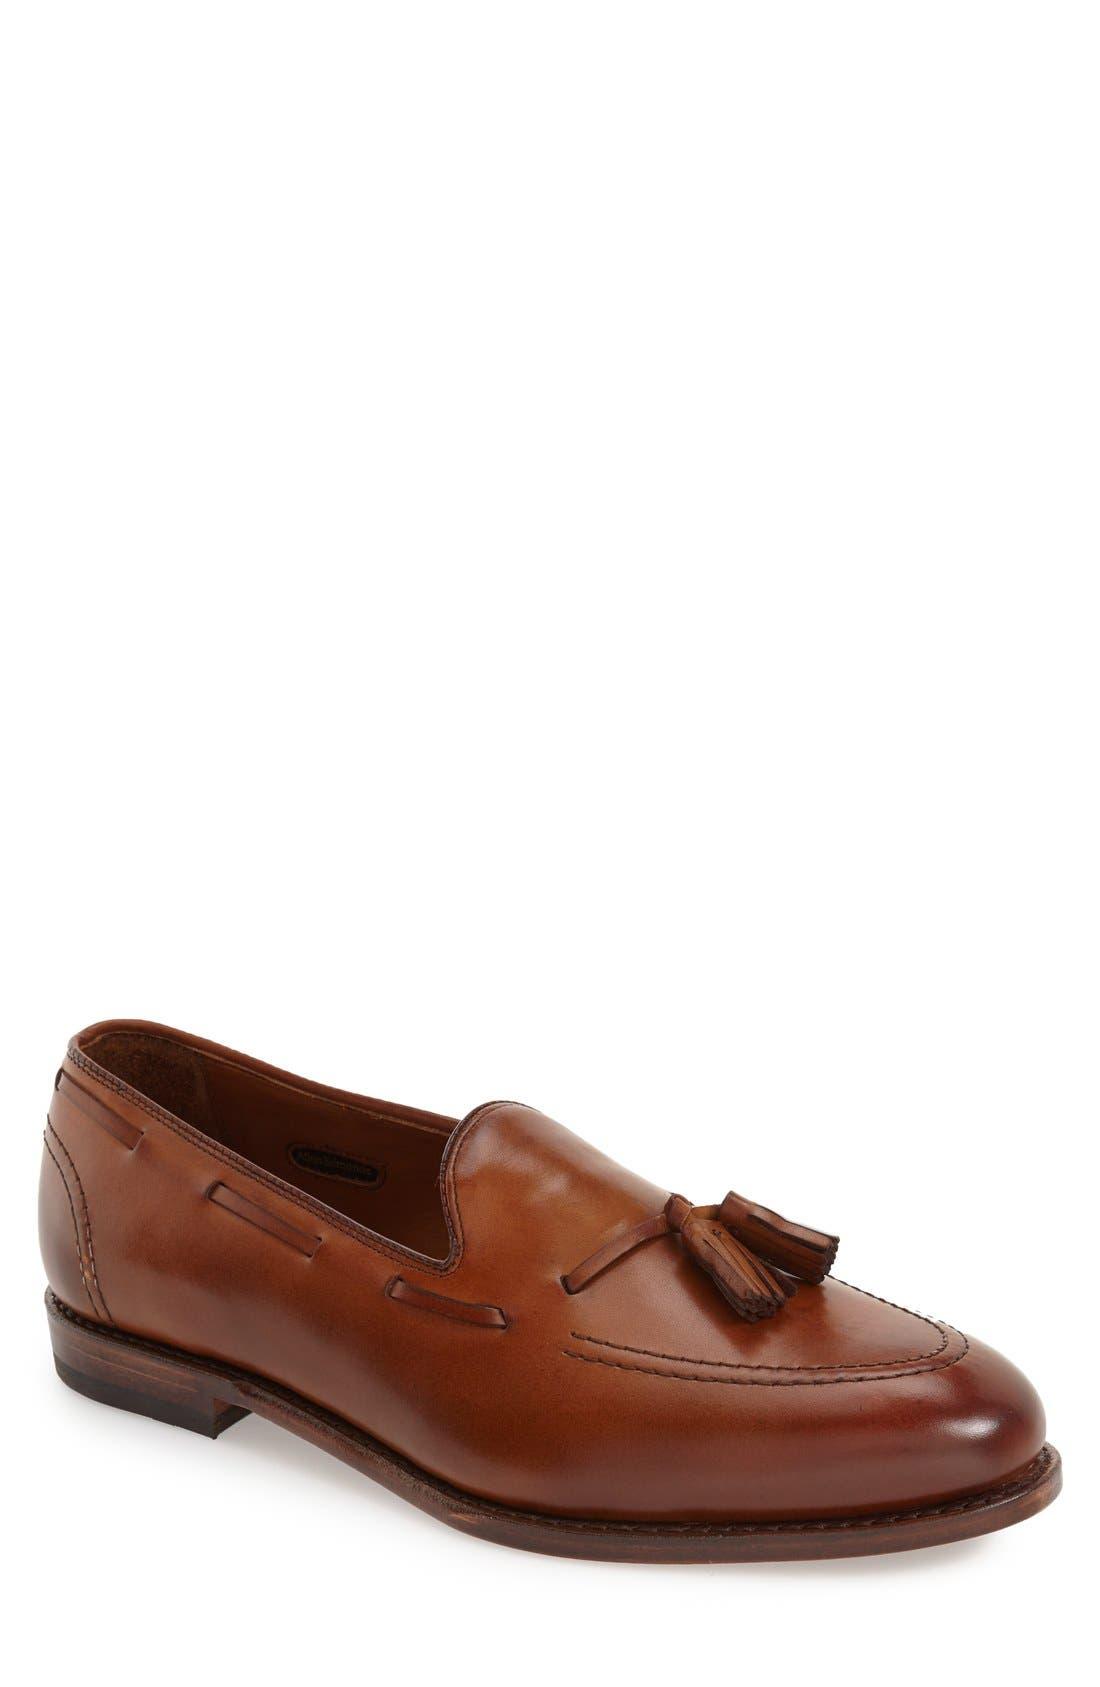 Mens Vintage Style Shoes & Boots| Retro Classic Shoes Mens Allen Edmonds Acheson Tassel Loafer Size 15 D - Brown $395.00 AT vintagedancer.com